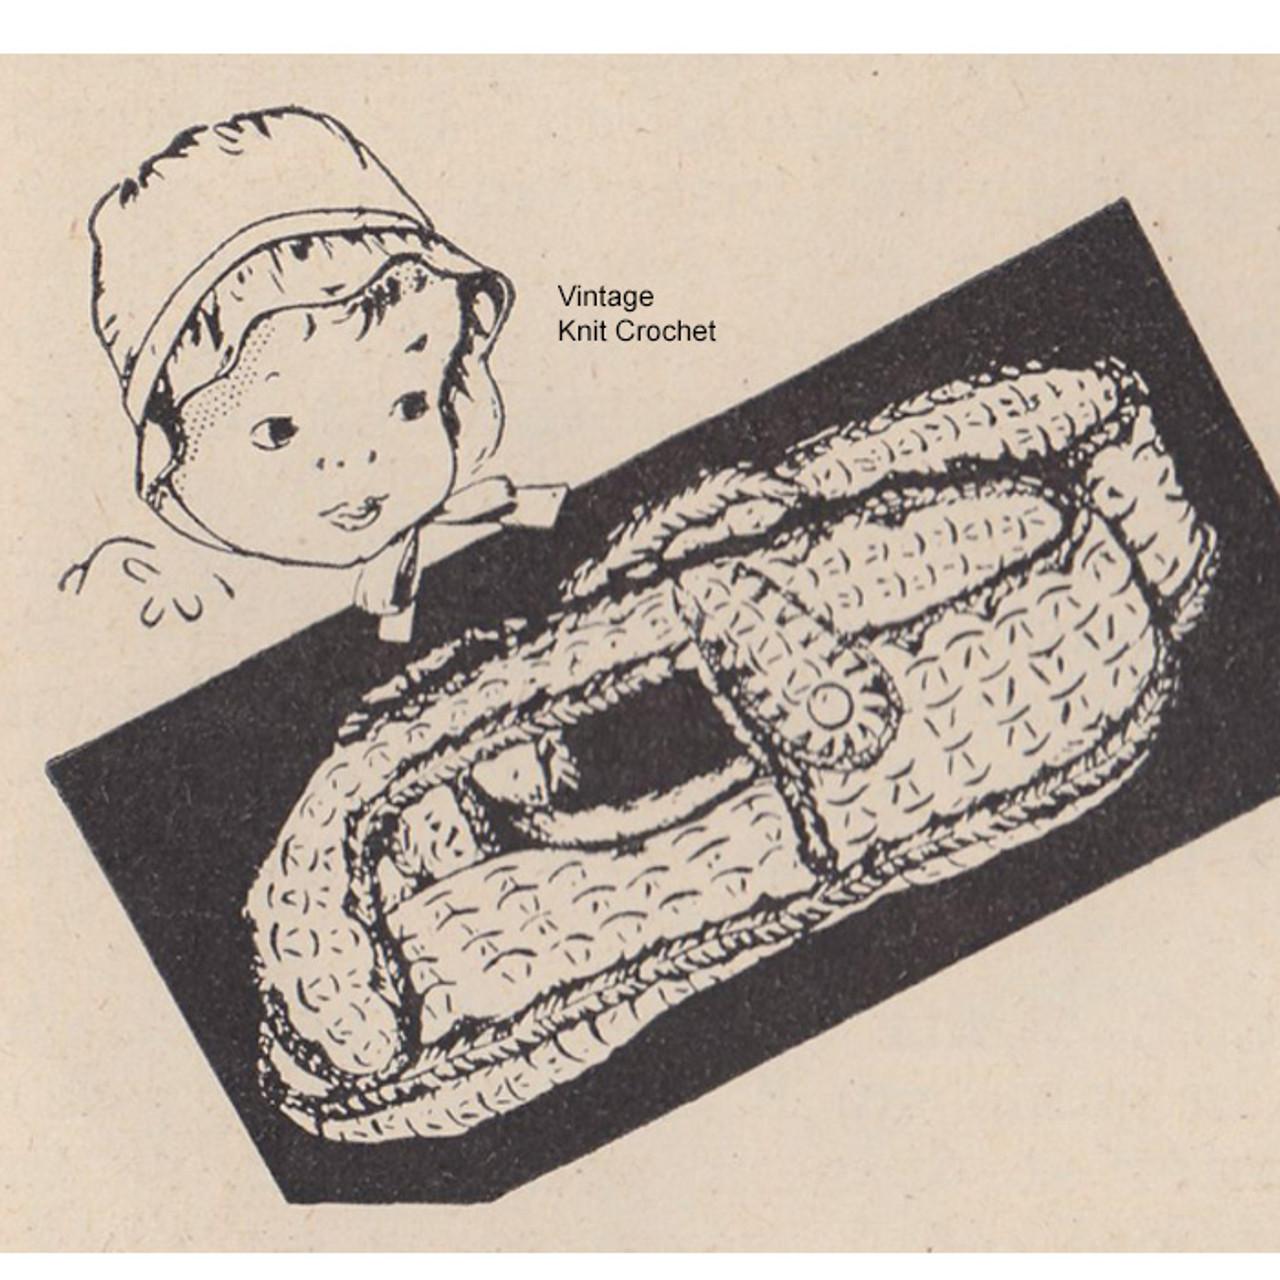 Free Infant Crocheted Sandals Pattern, Vintage Workbasket